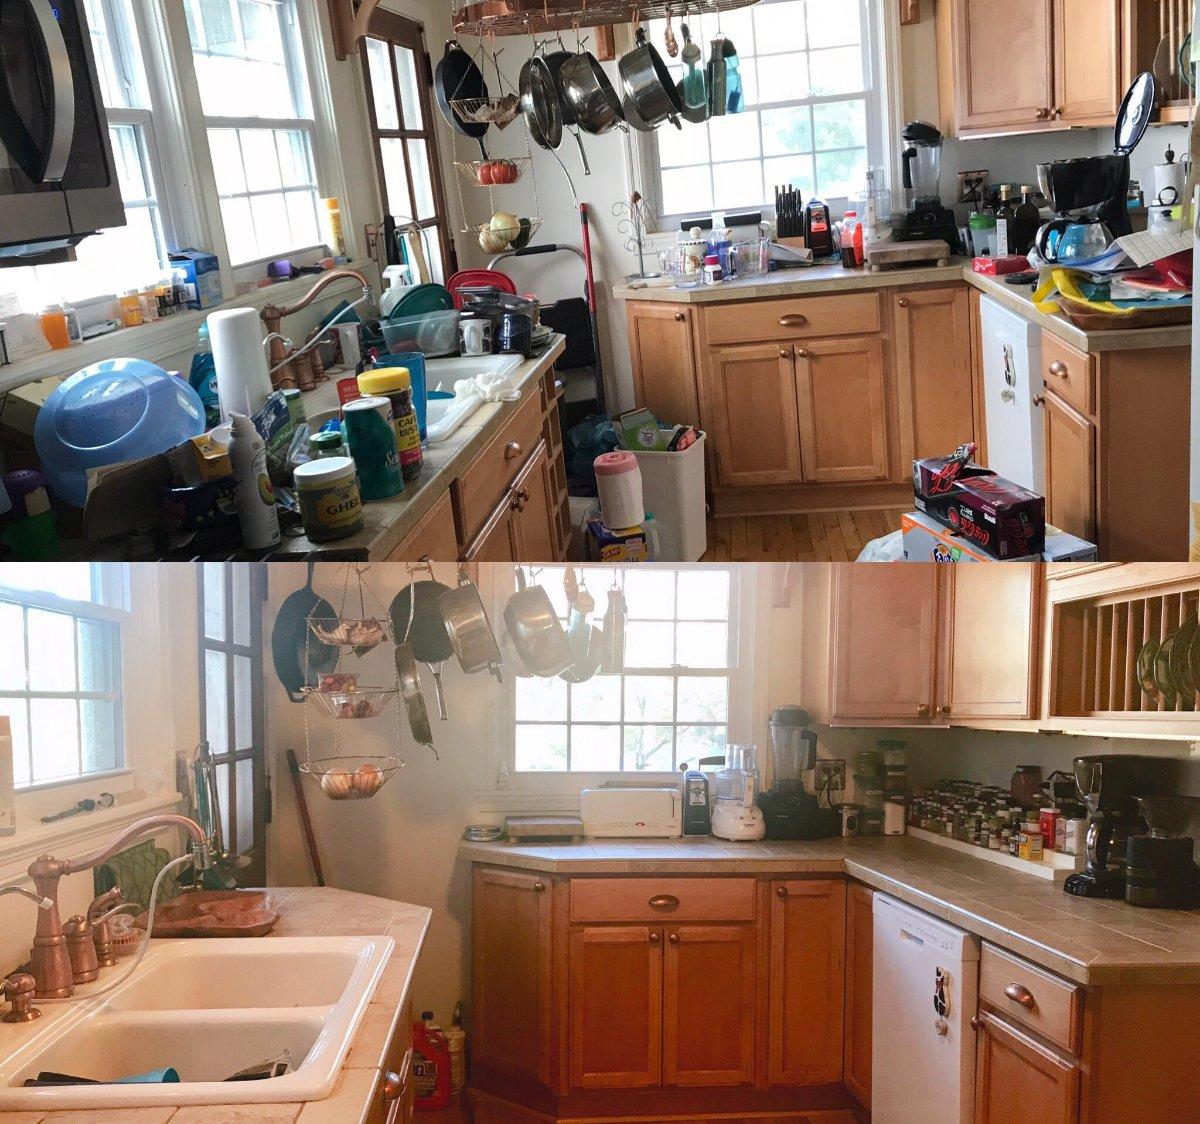 Imagenes Del Antes Y El Despues De Habitaciones Desordenadas